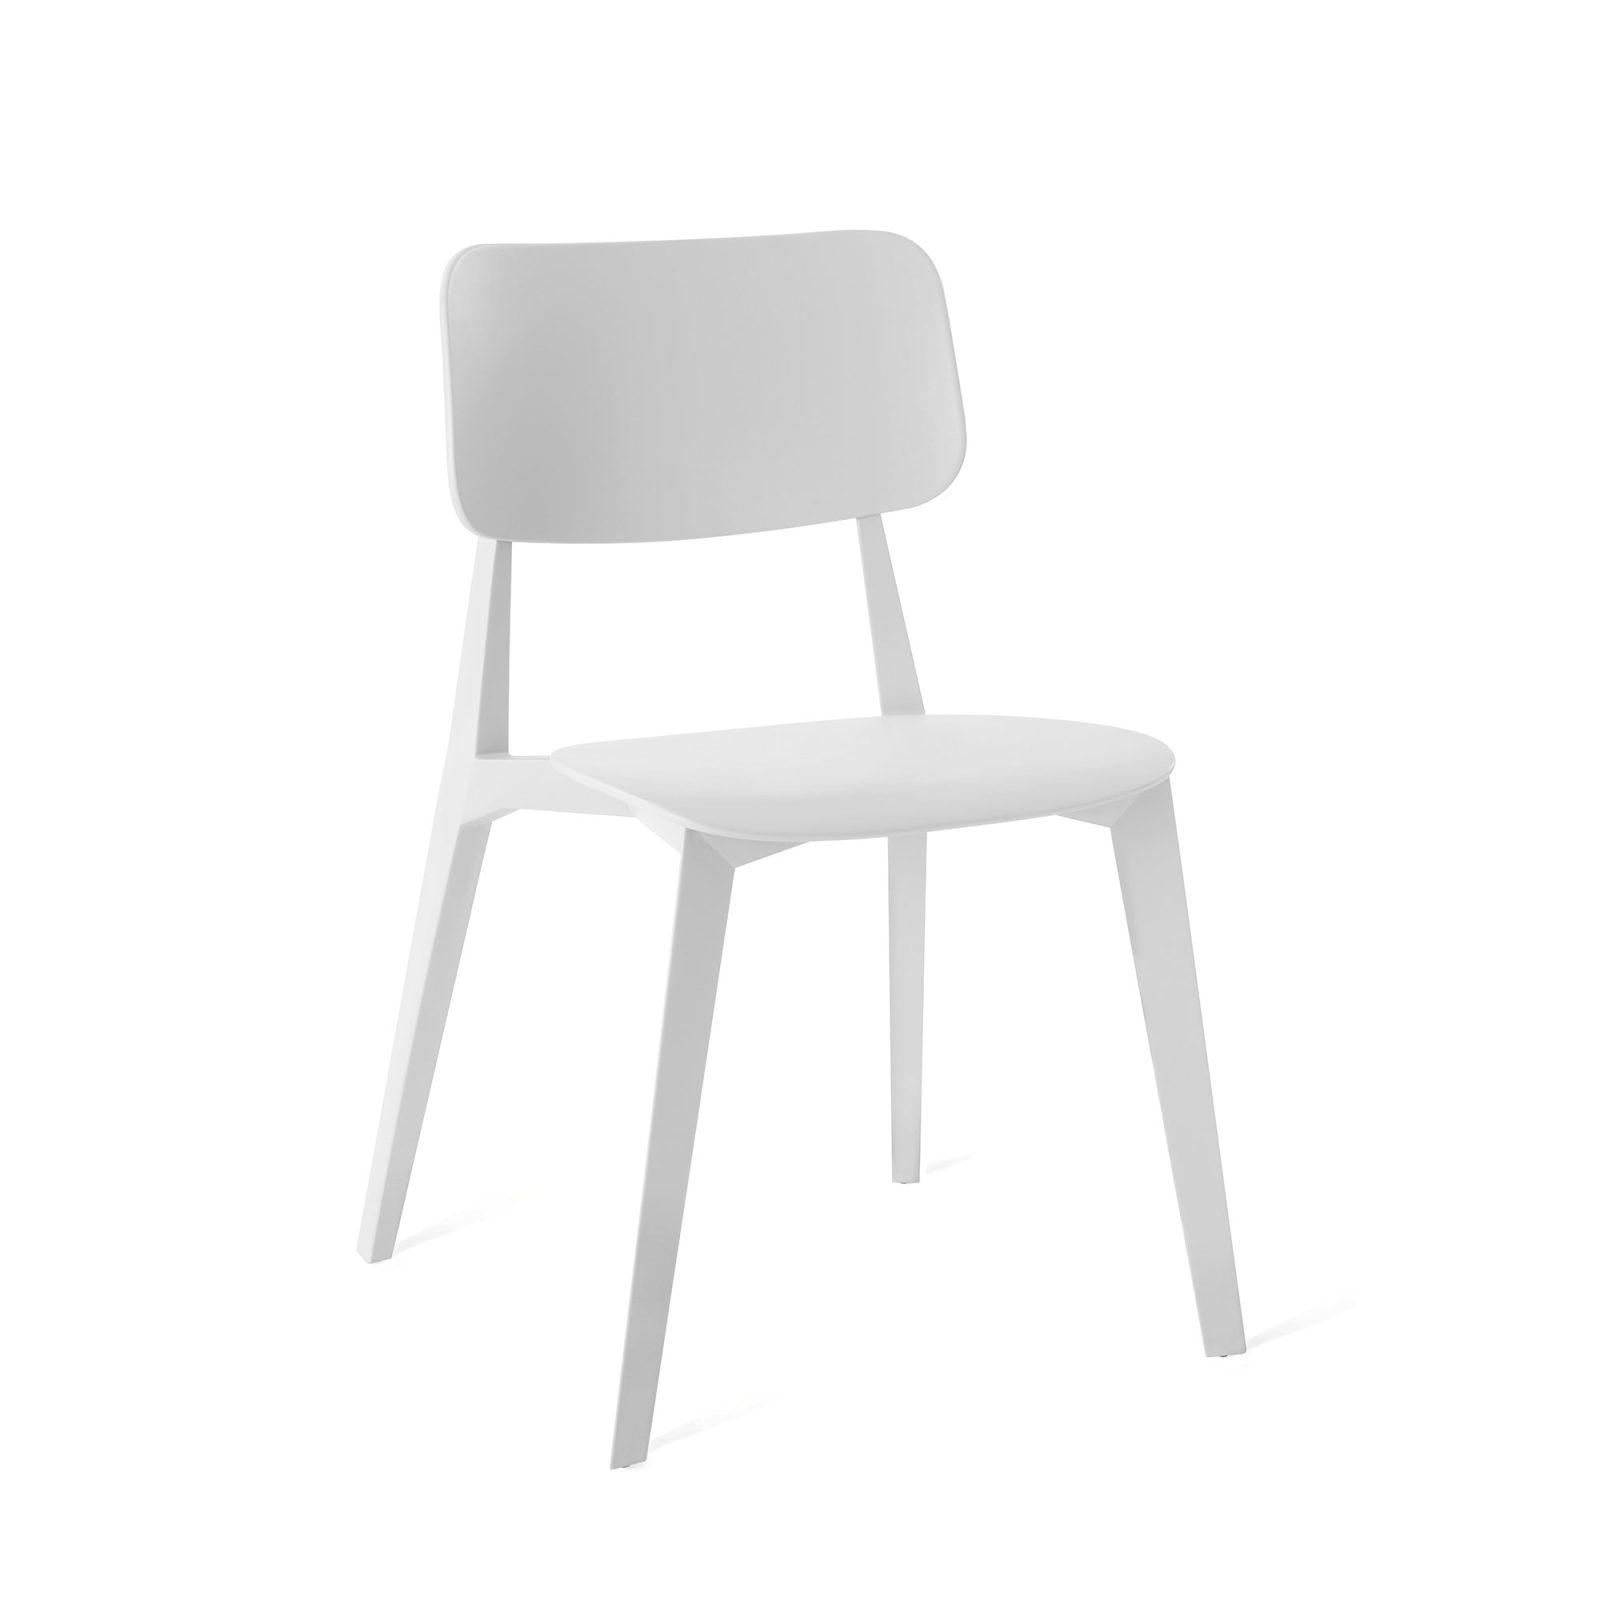 stellar-chair-white-3